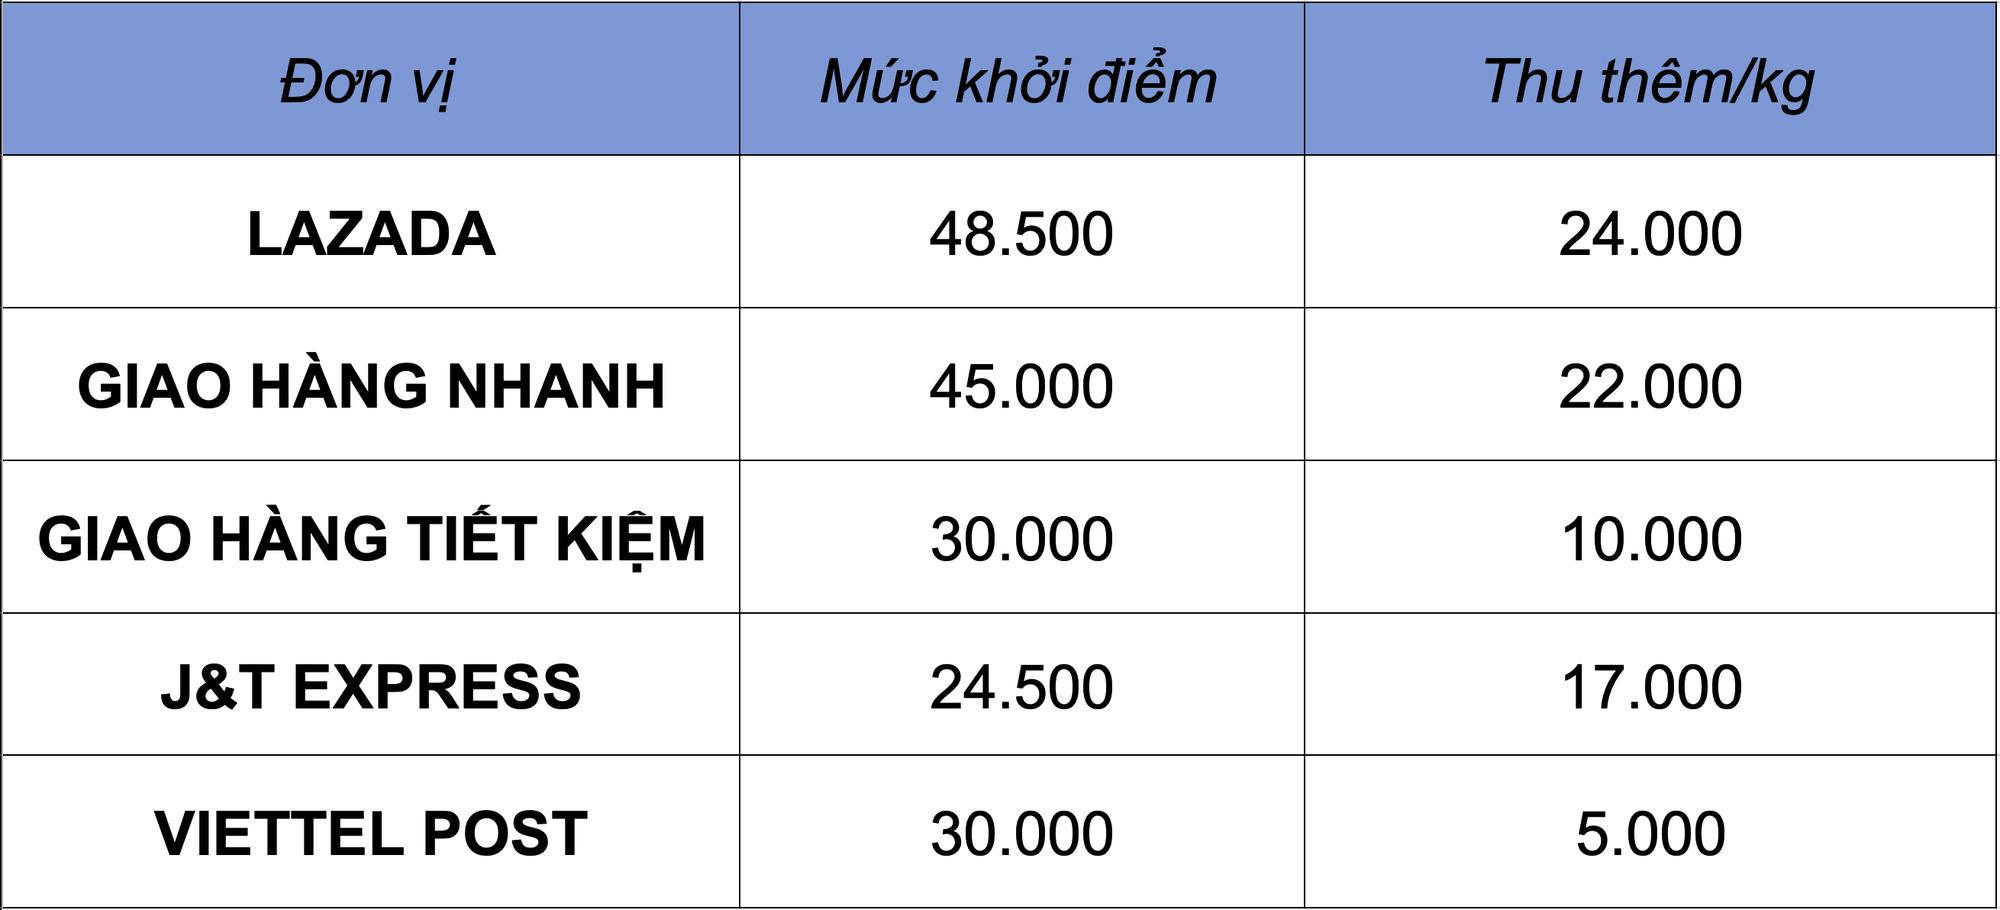 Mua đàn tại Hà Nội chuyển về TP HCM, khách phải trả hơn 2 tỉ đồng tiền ship cho Lazada - Ảnh 4.